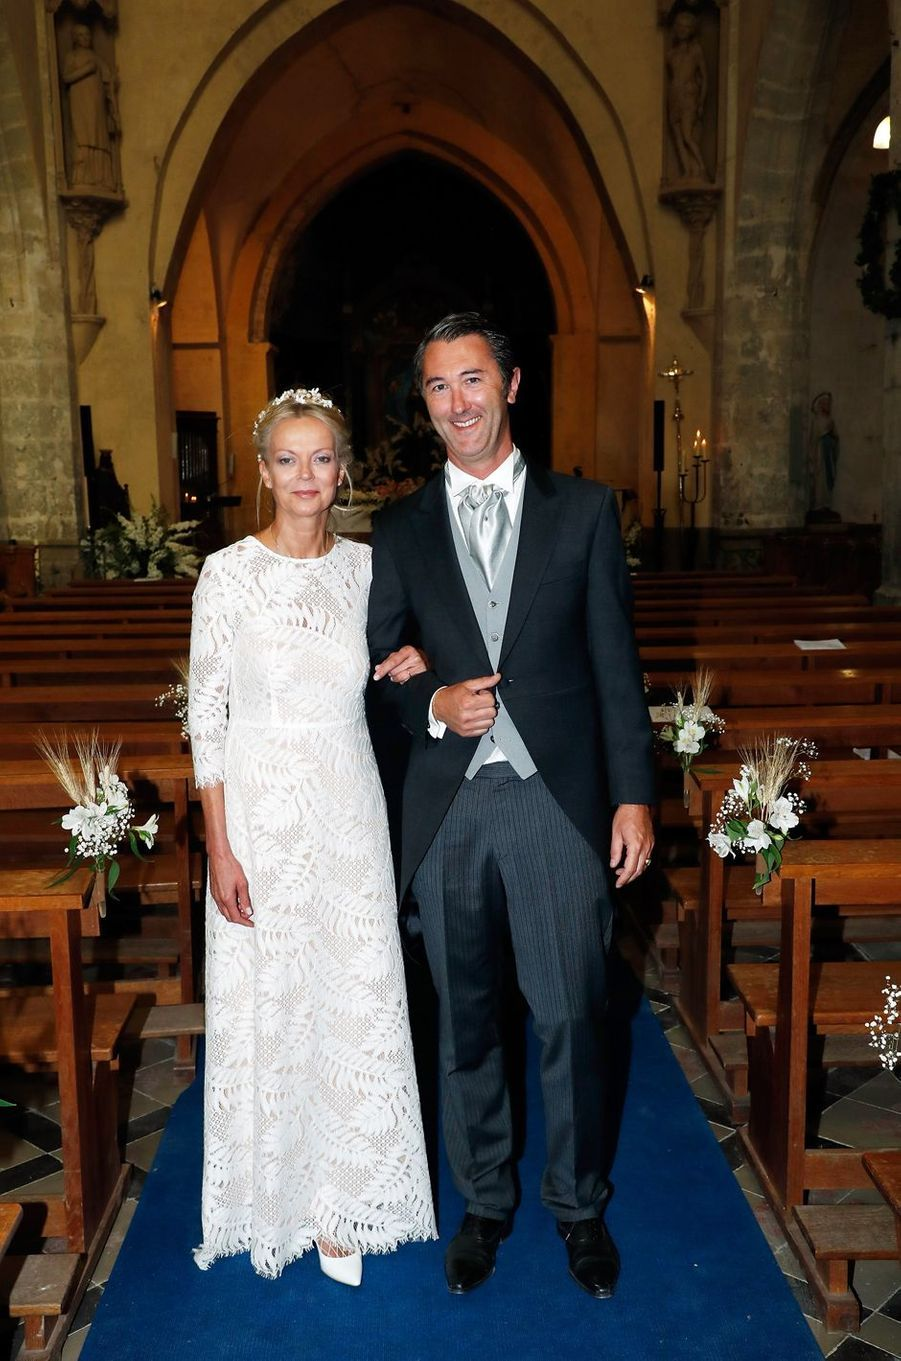 La princesse Hélène de Yougoslavie et Stanislas Fougeron dans l'église de Janville, le 14 septembre 2018